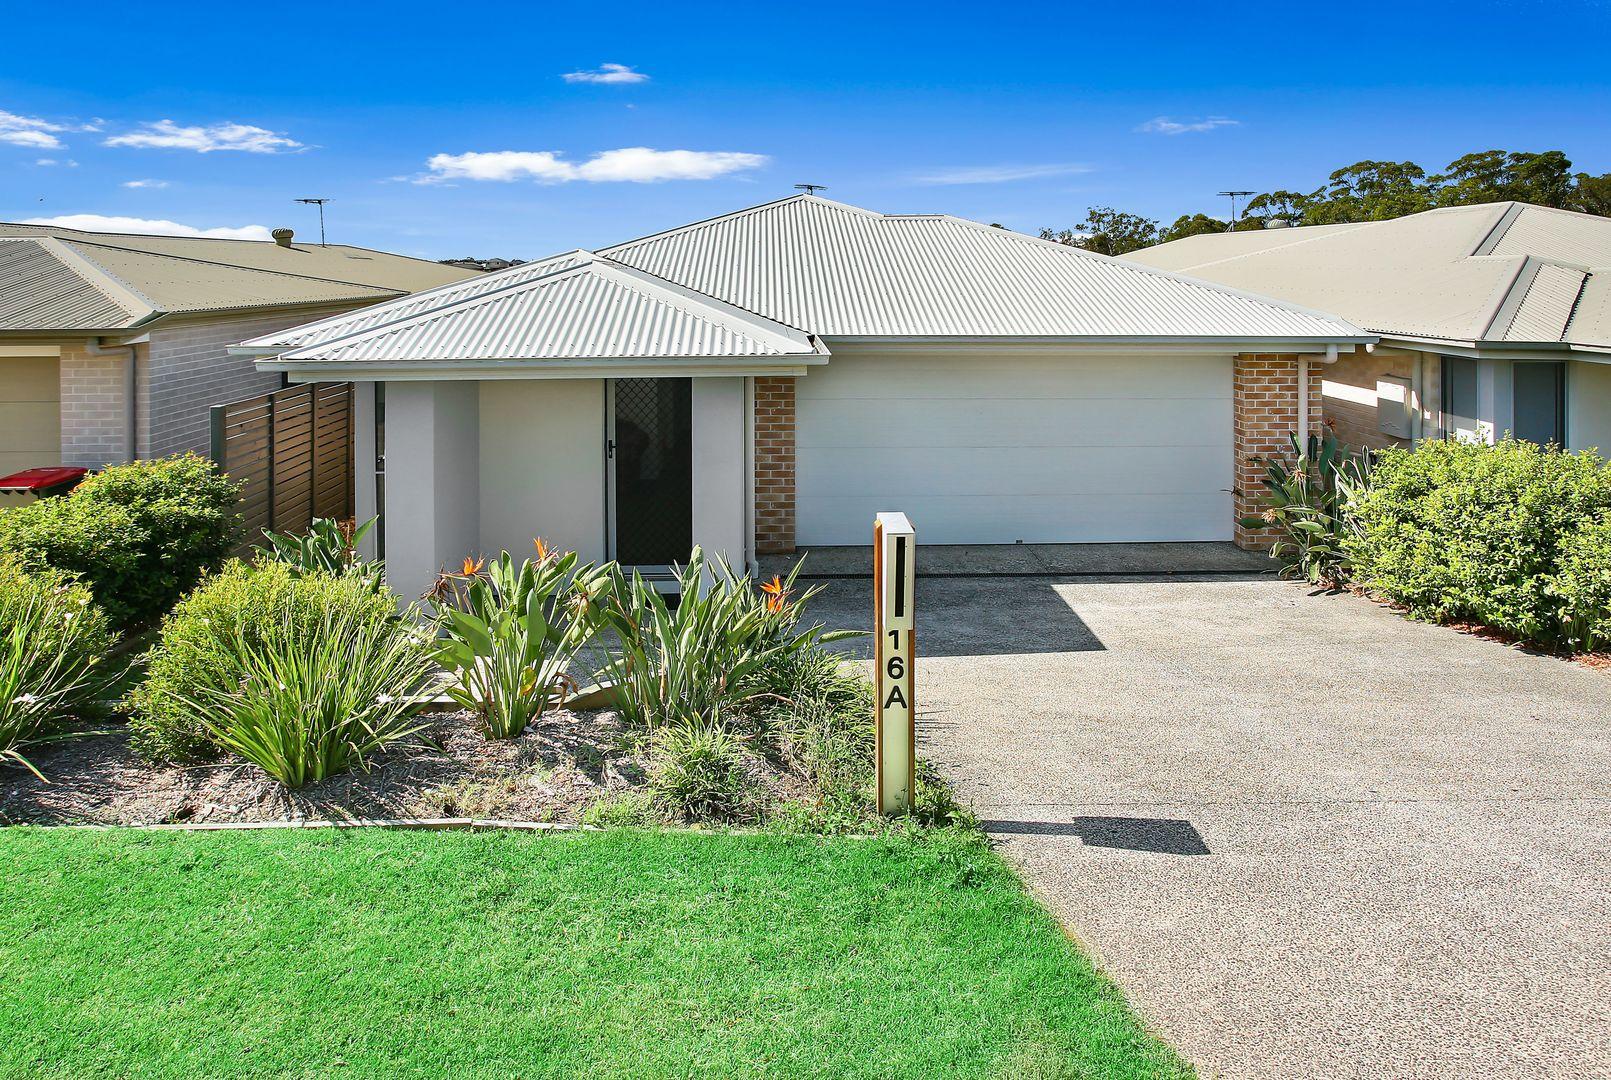 16A Whitehorse Road, Dakabin QLD 4503, Image 0